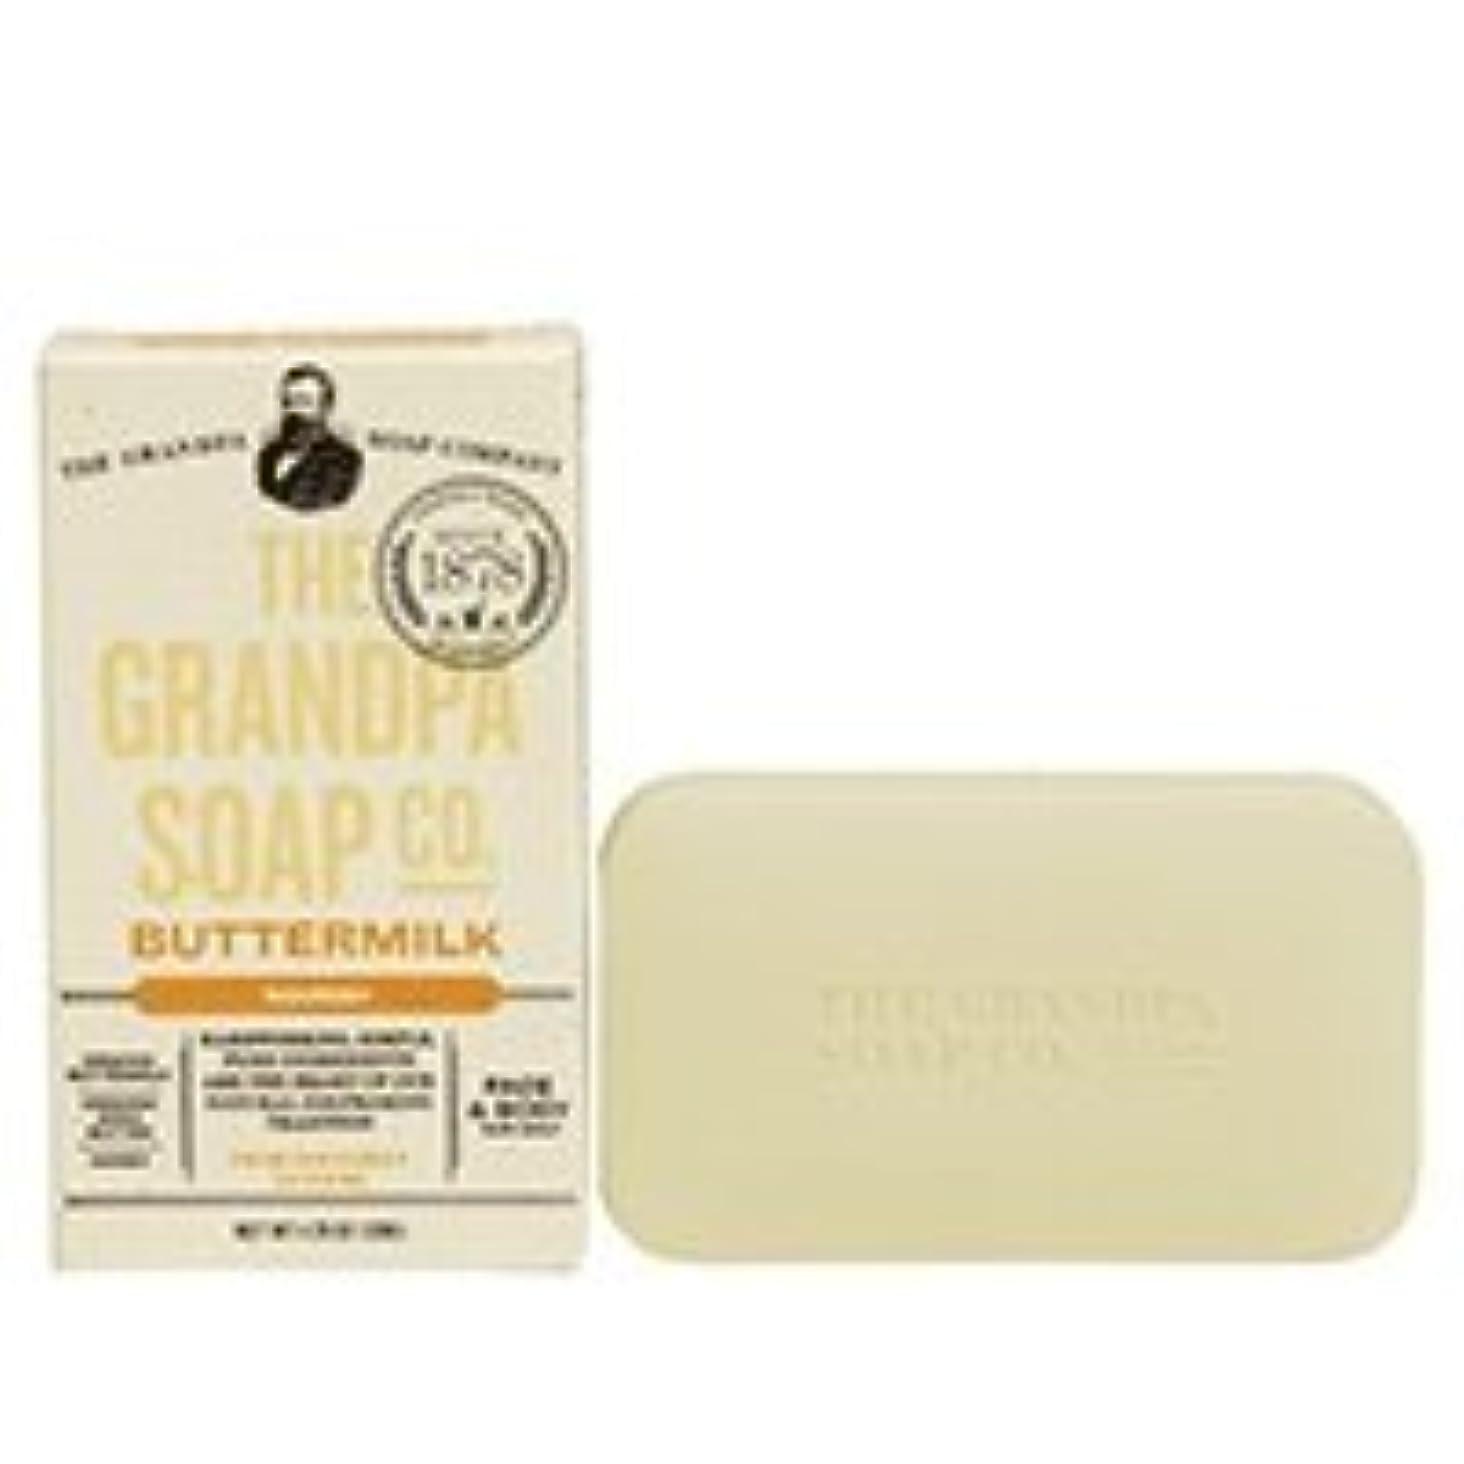 成人期強大なパーティショングランパ バターミルクナリッシュソープ 3.25oz(約92g)3個